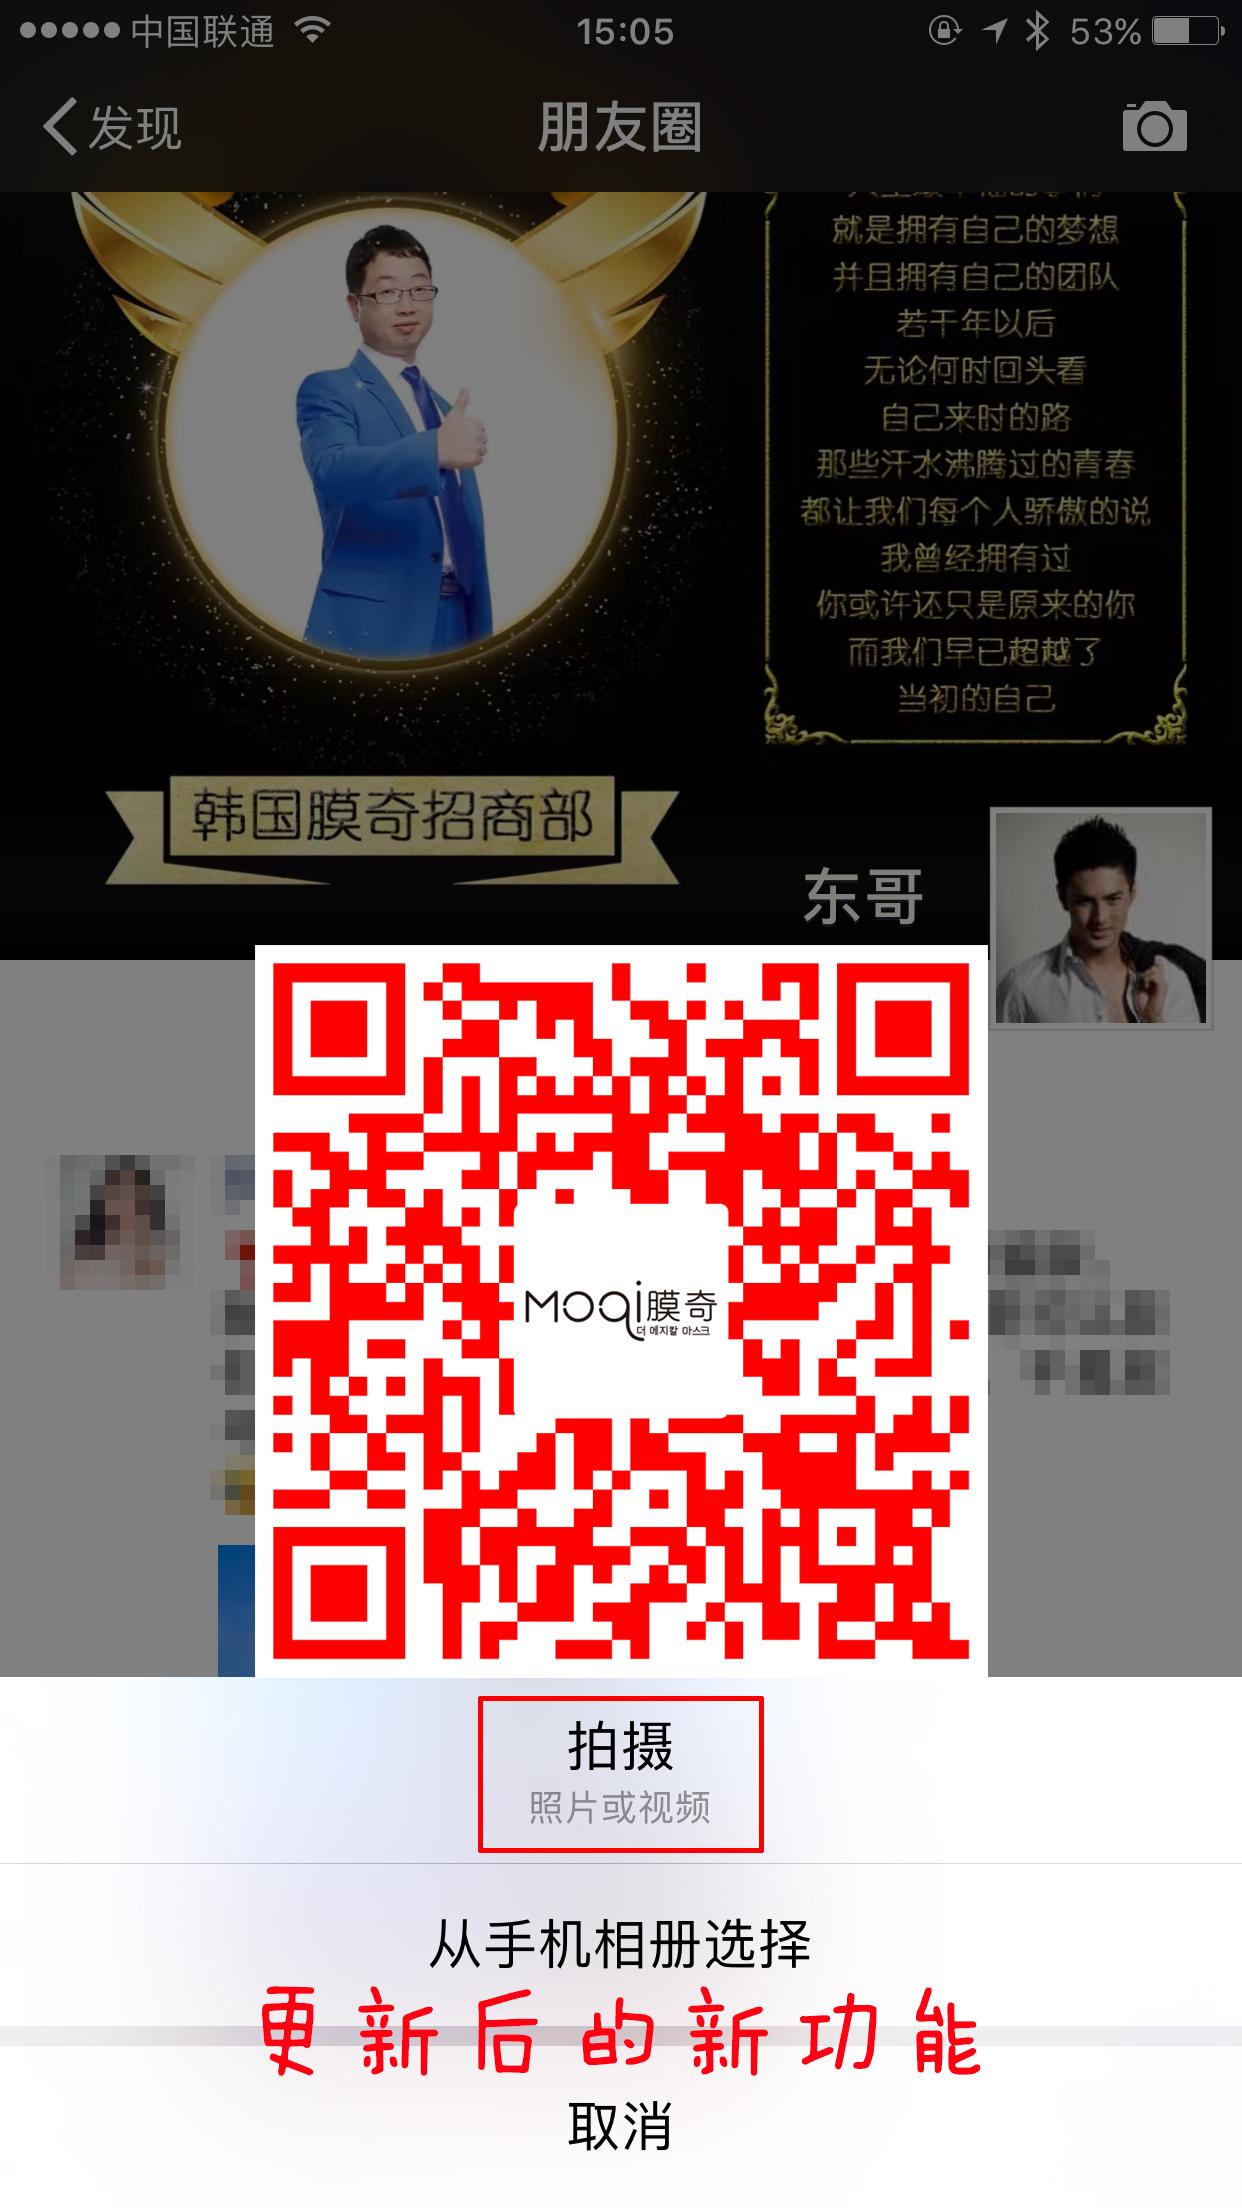 iOS微信6.5.1-韩国膜奇 微信又更新了 iOS版这一重磅功能果粉肯定会